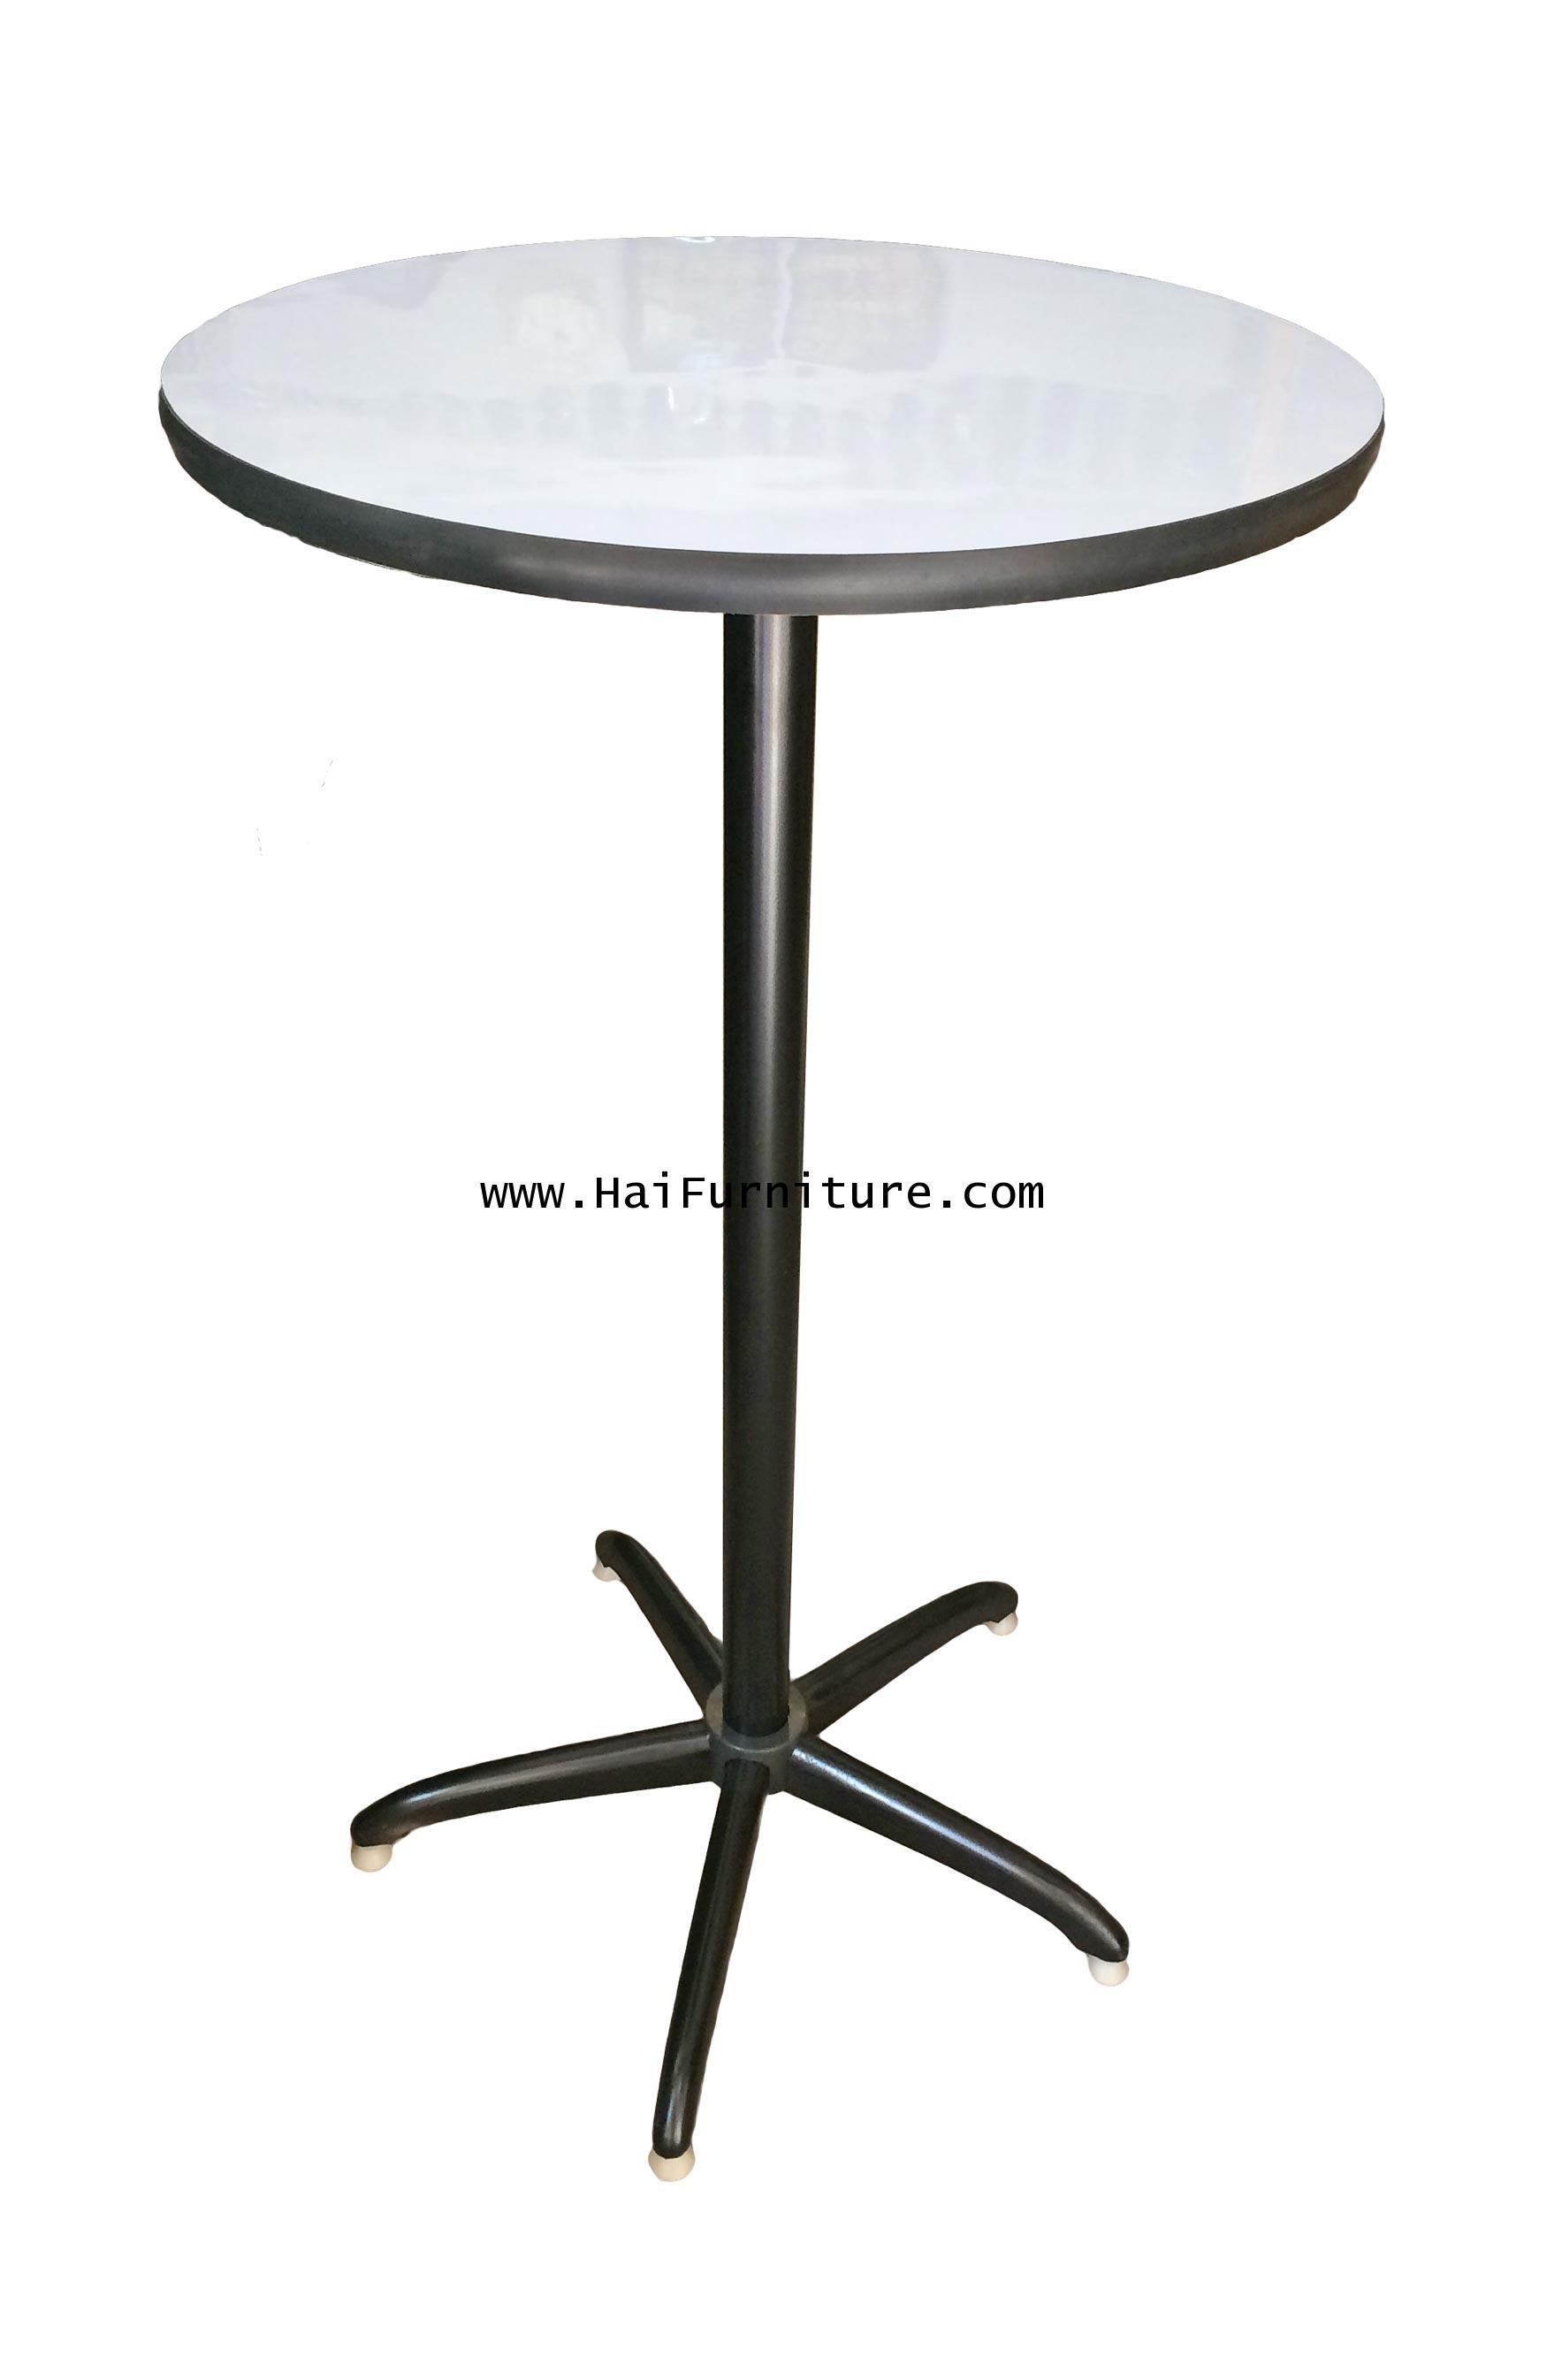 โต๊ะบาร์กลม หน้าโฟเมก้าขาว 60*60*110